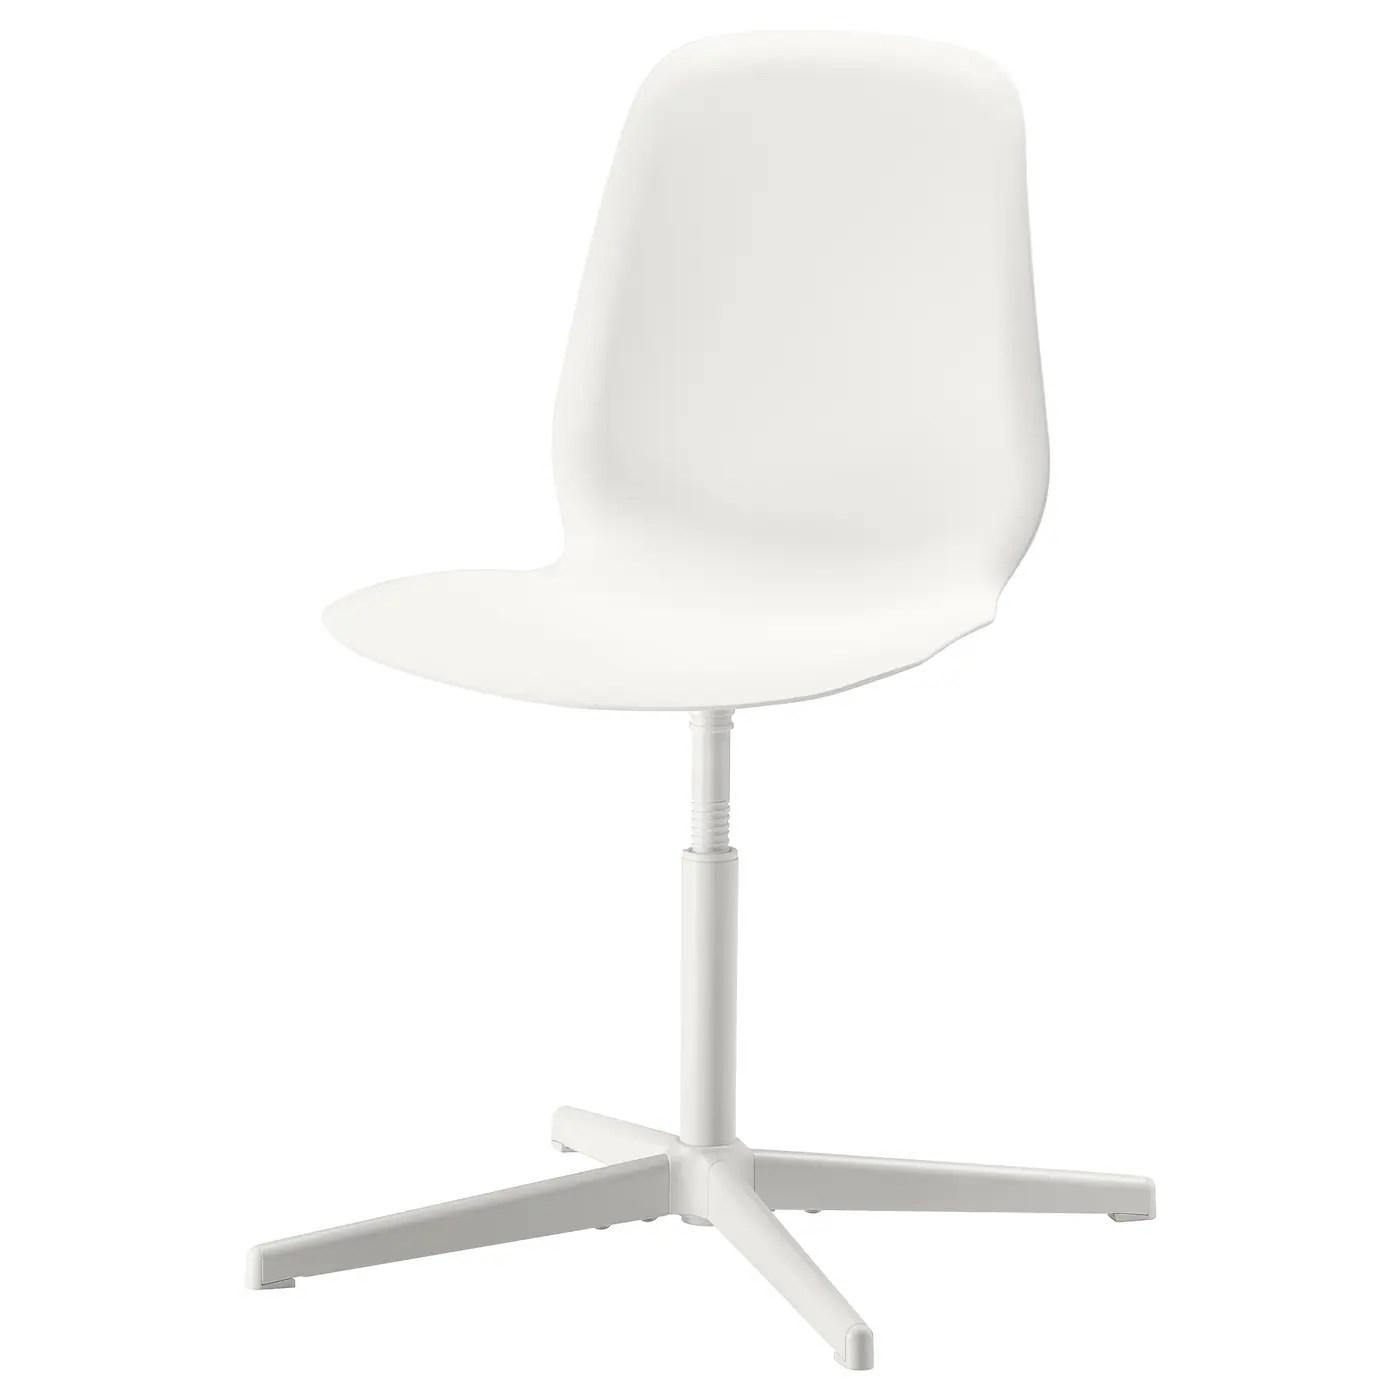 Design monika mulder, la sedia da ufficio su ruote hattefjall di ikea ha la struttura in metallo verniciato; Sedie Da Scrivania Ikea It